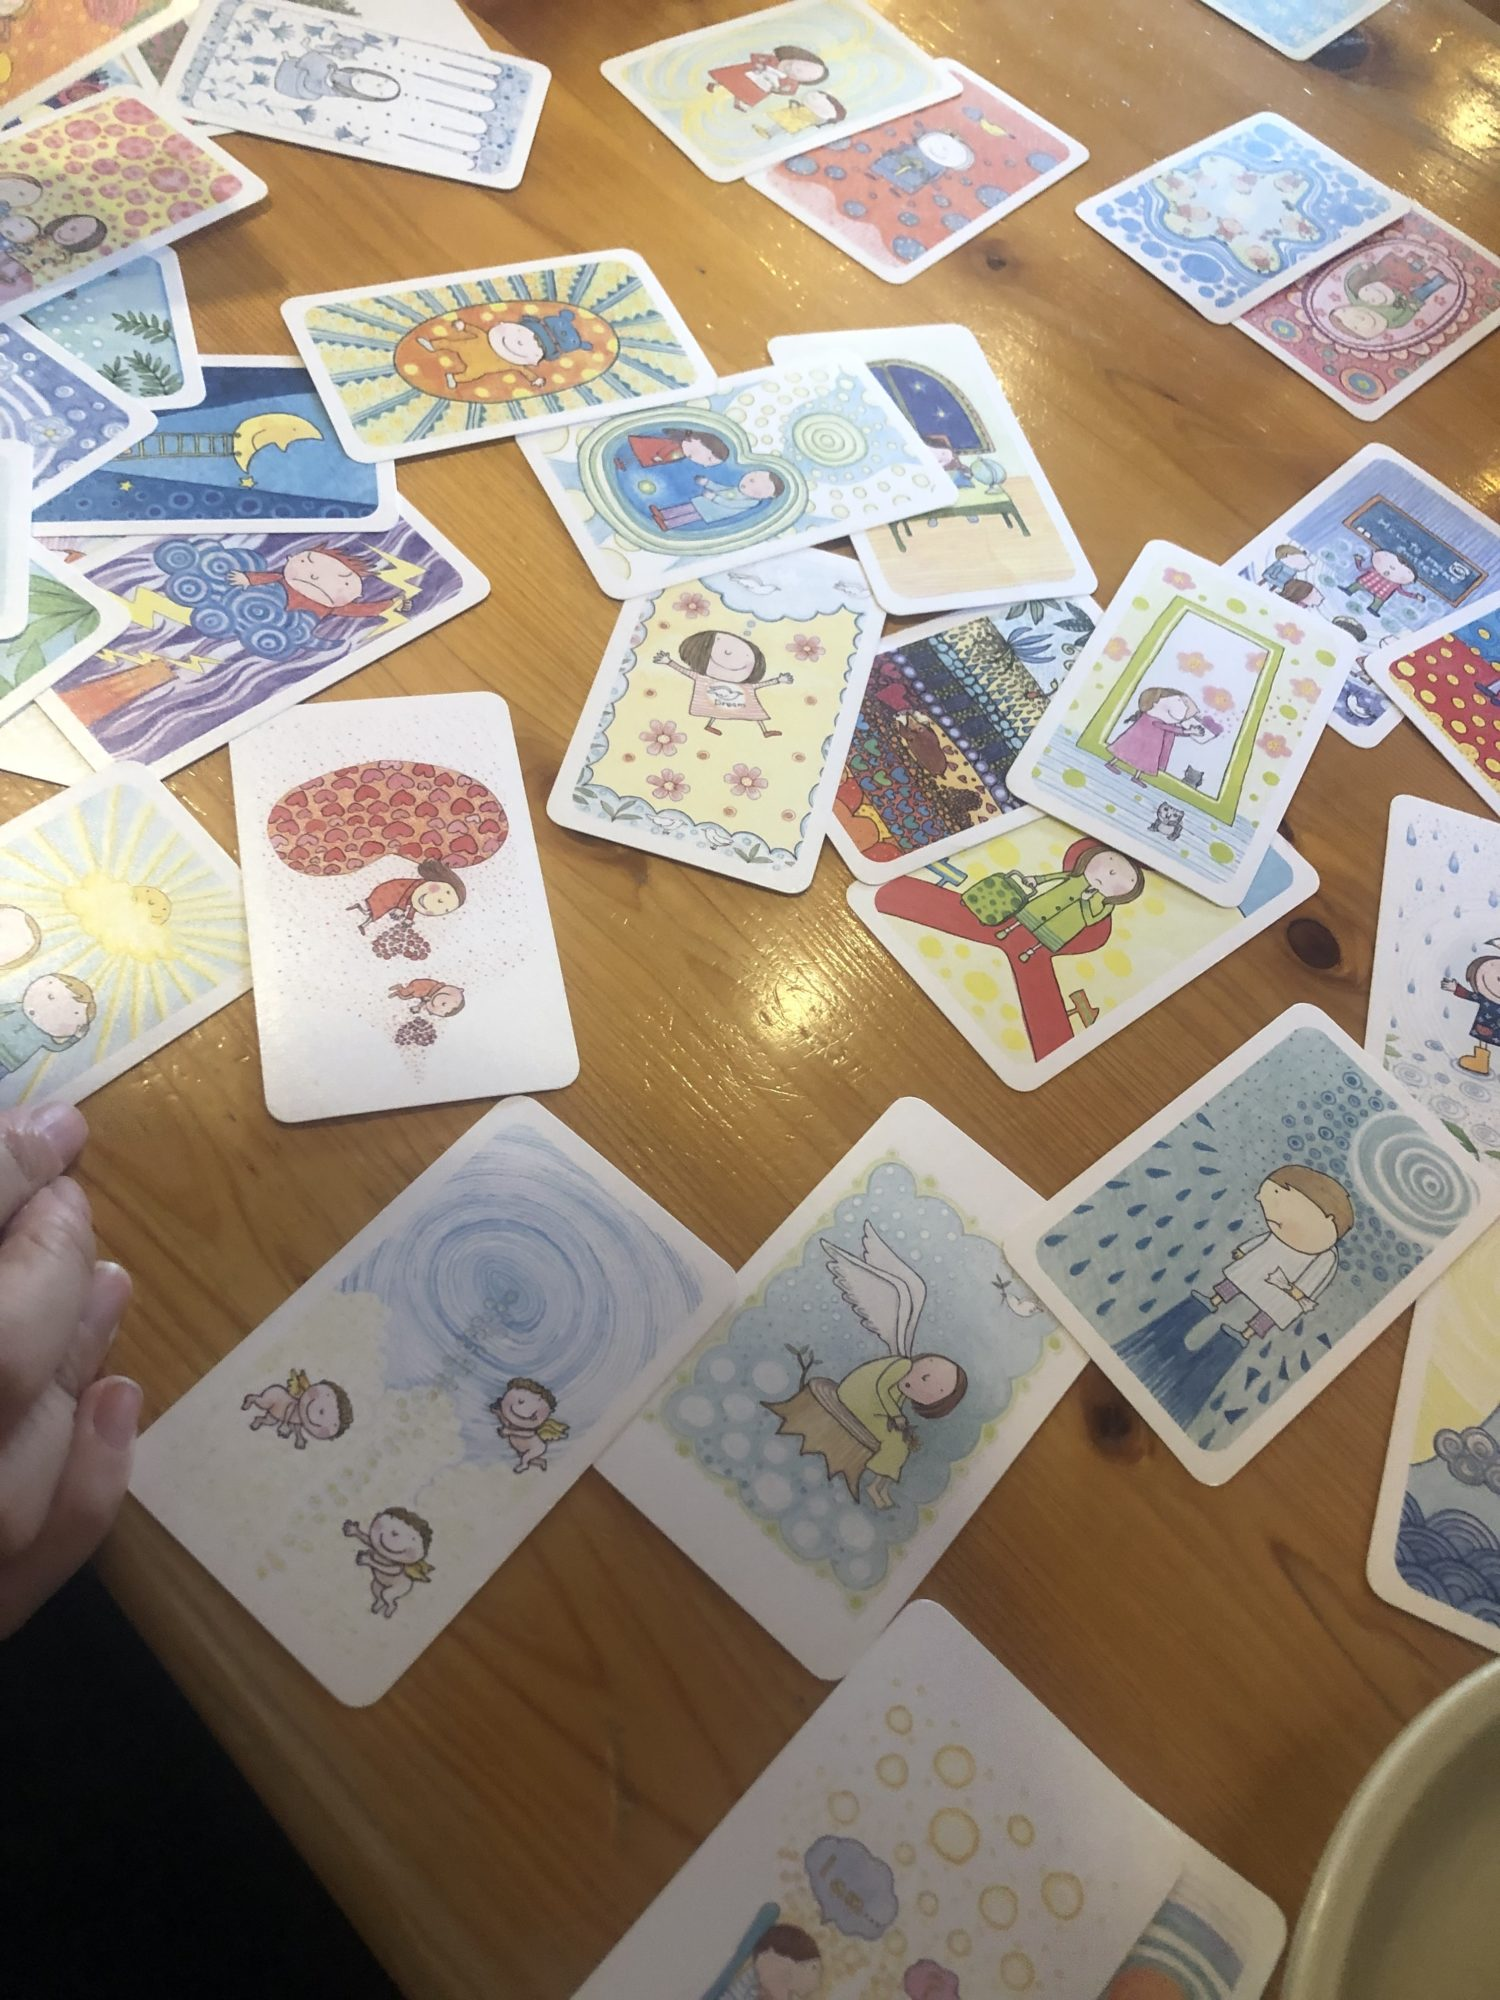 安心安全な場で魔法の質問のカードで気持ちをアウトプットしてゆるめる〜奈良の秘密基地でのデトックスとヒーリング〜